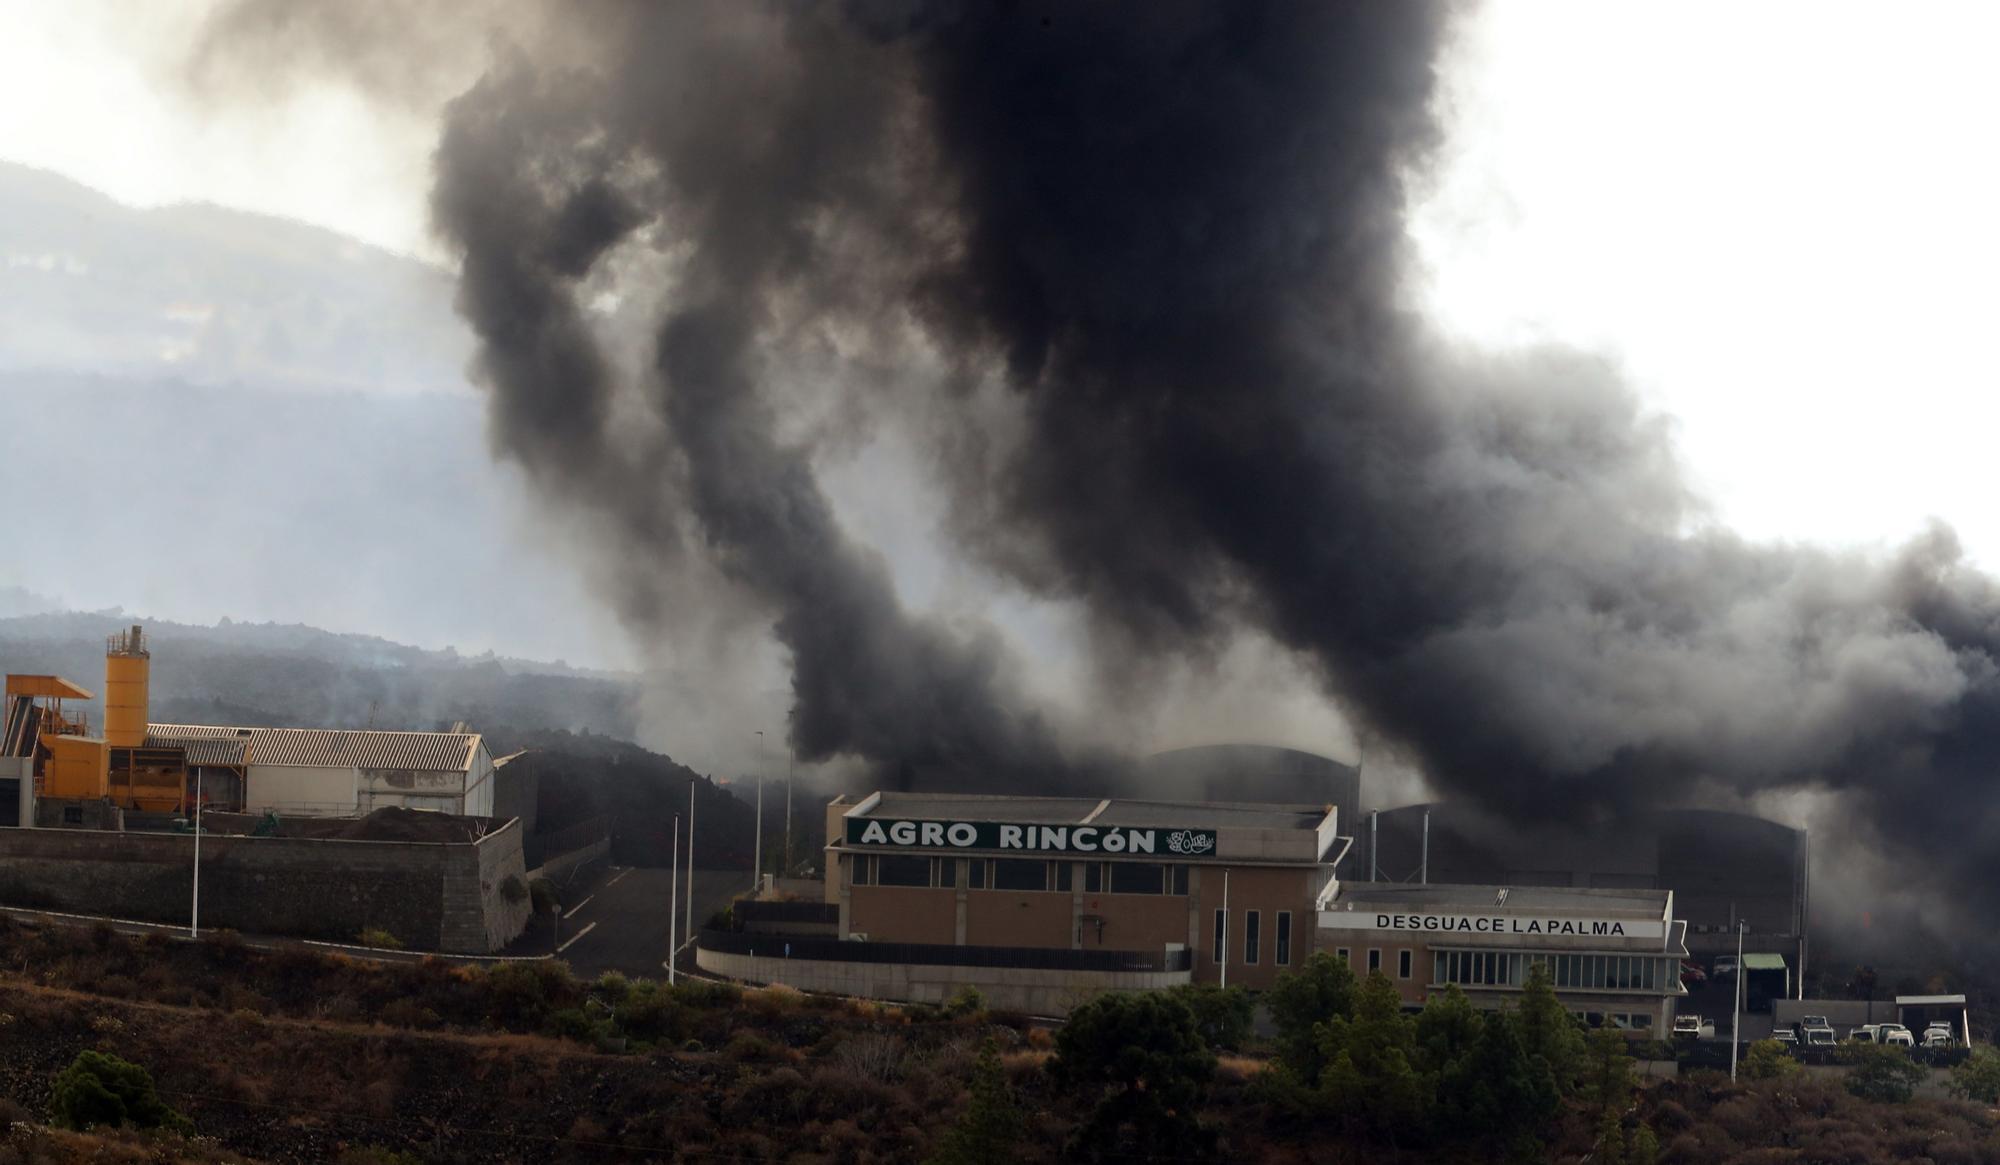 Incendio de la cementera provocado por la lava del volcán en La Palma